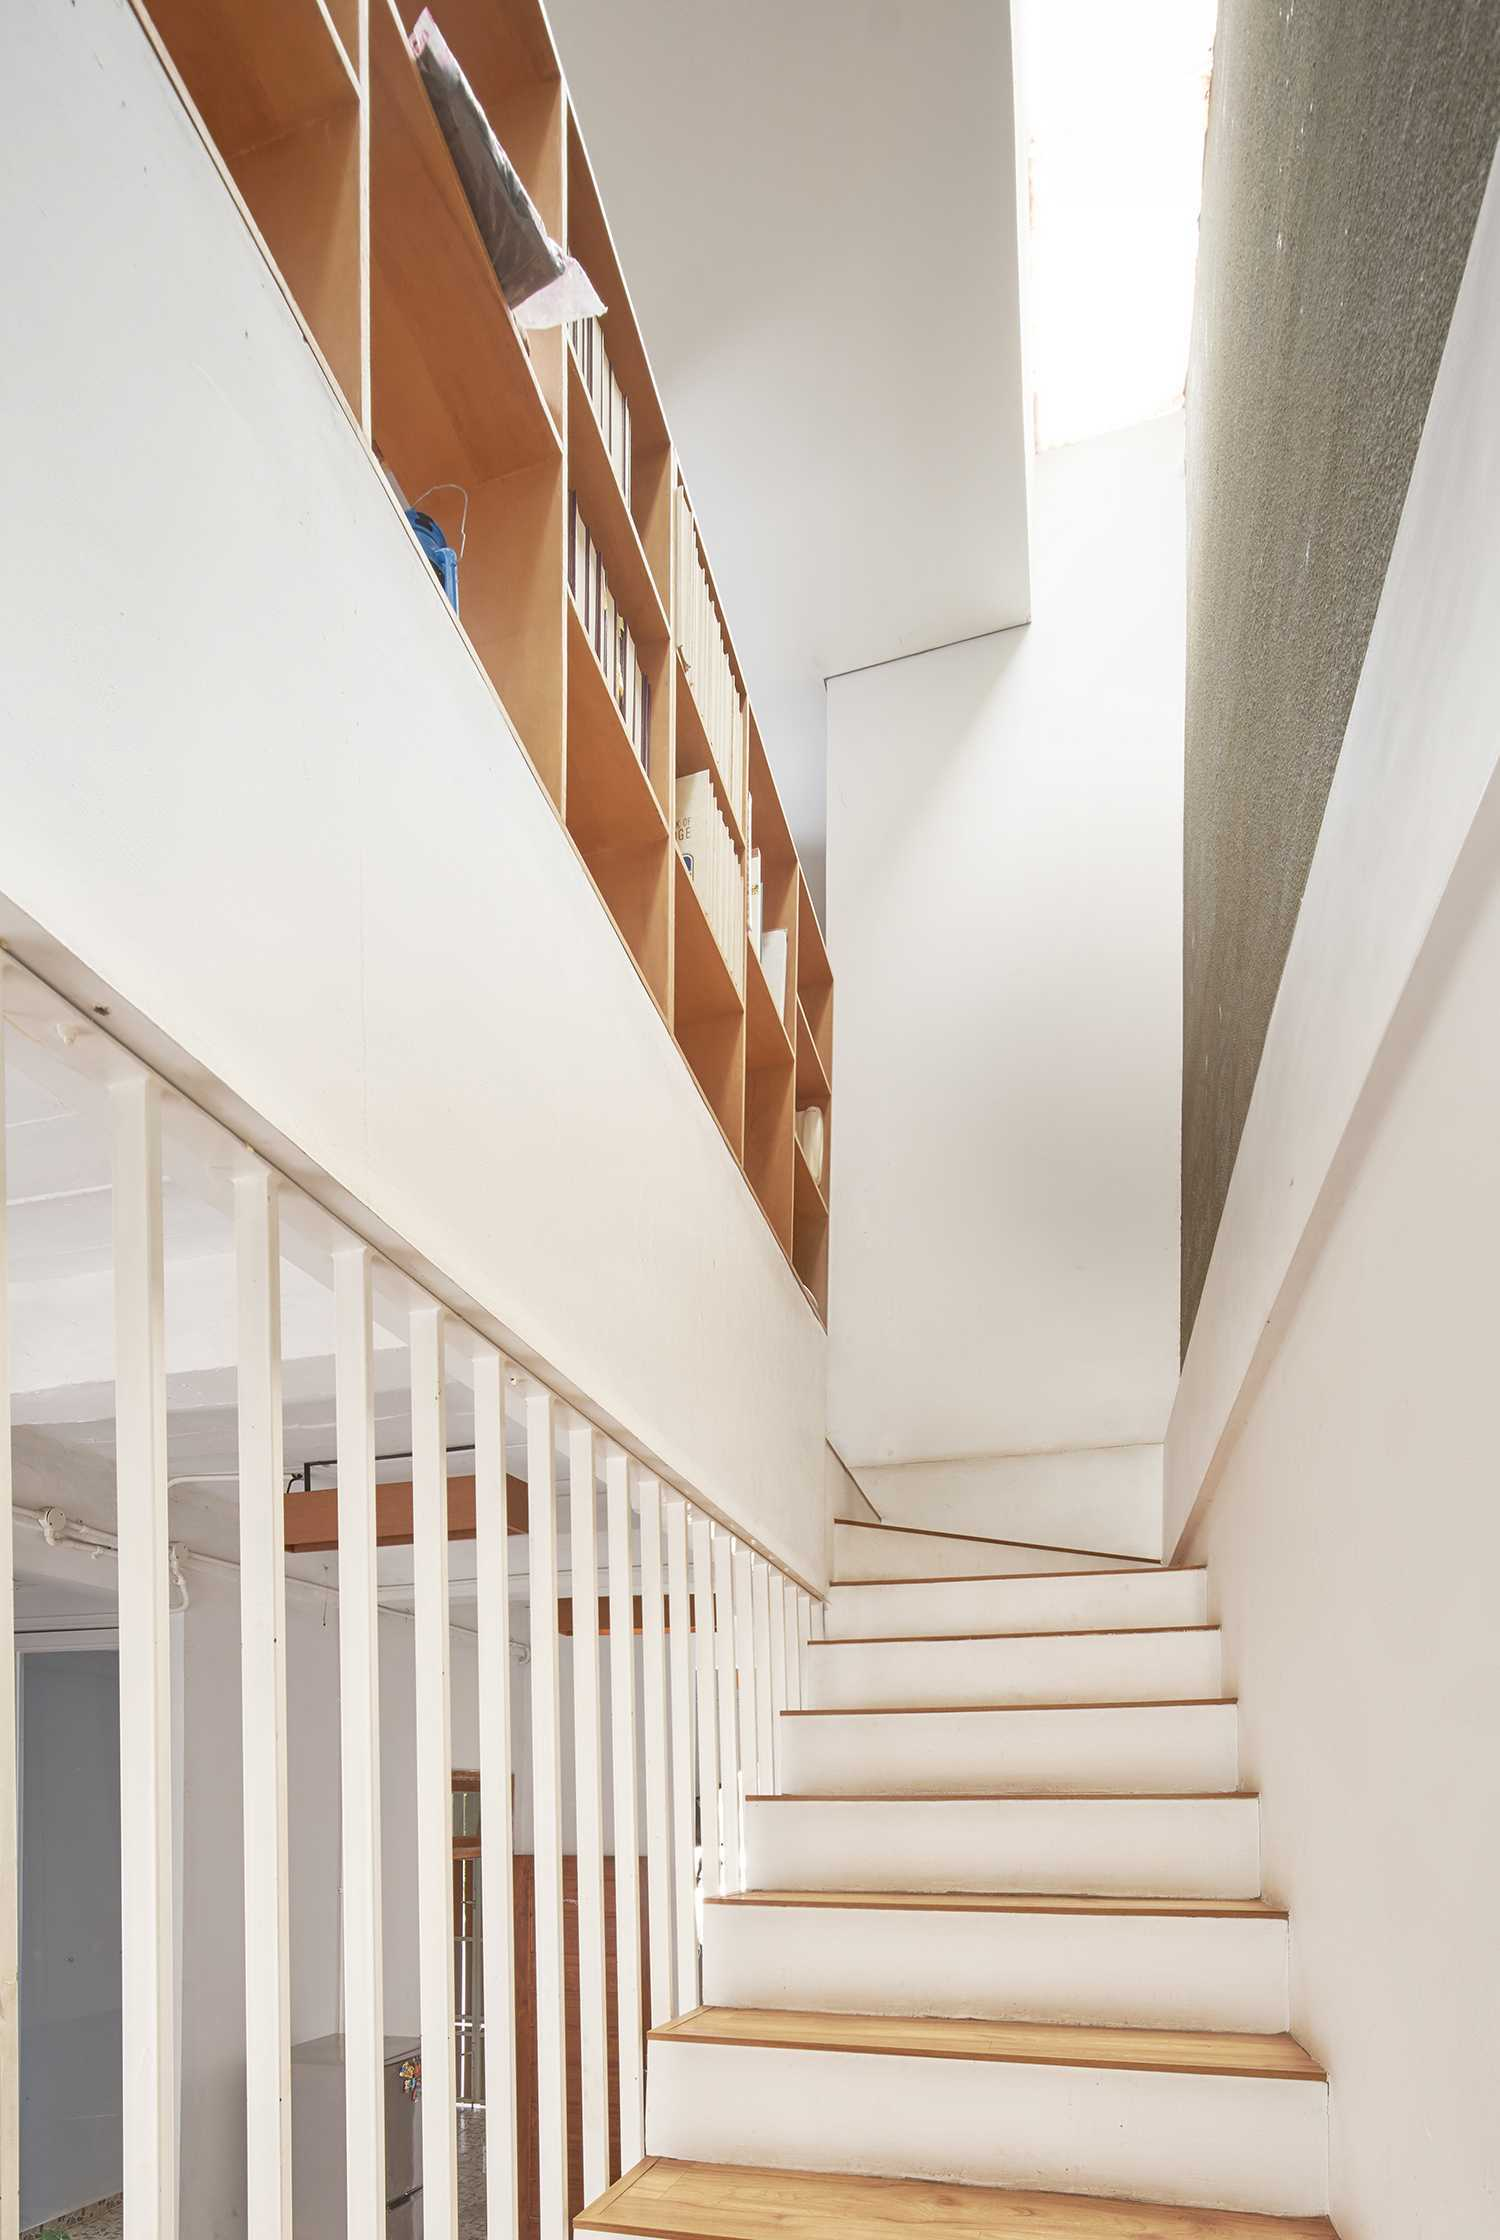 Psa Studio Rumah Cempaka Putih Jakarta, Indonesia Jakarta, Indonesia Stairs   16517